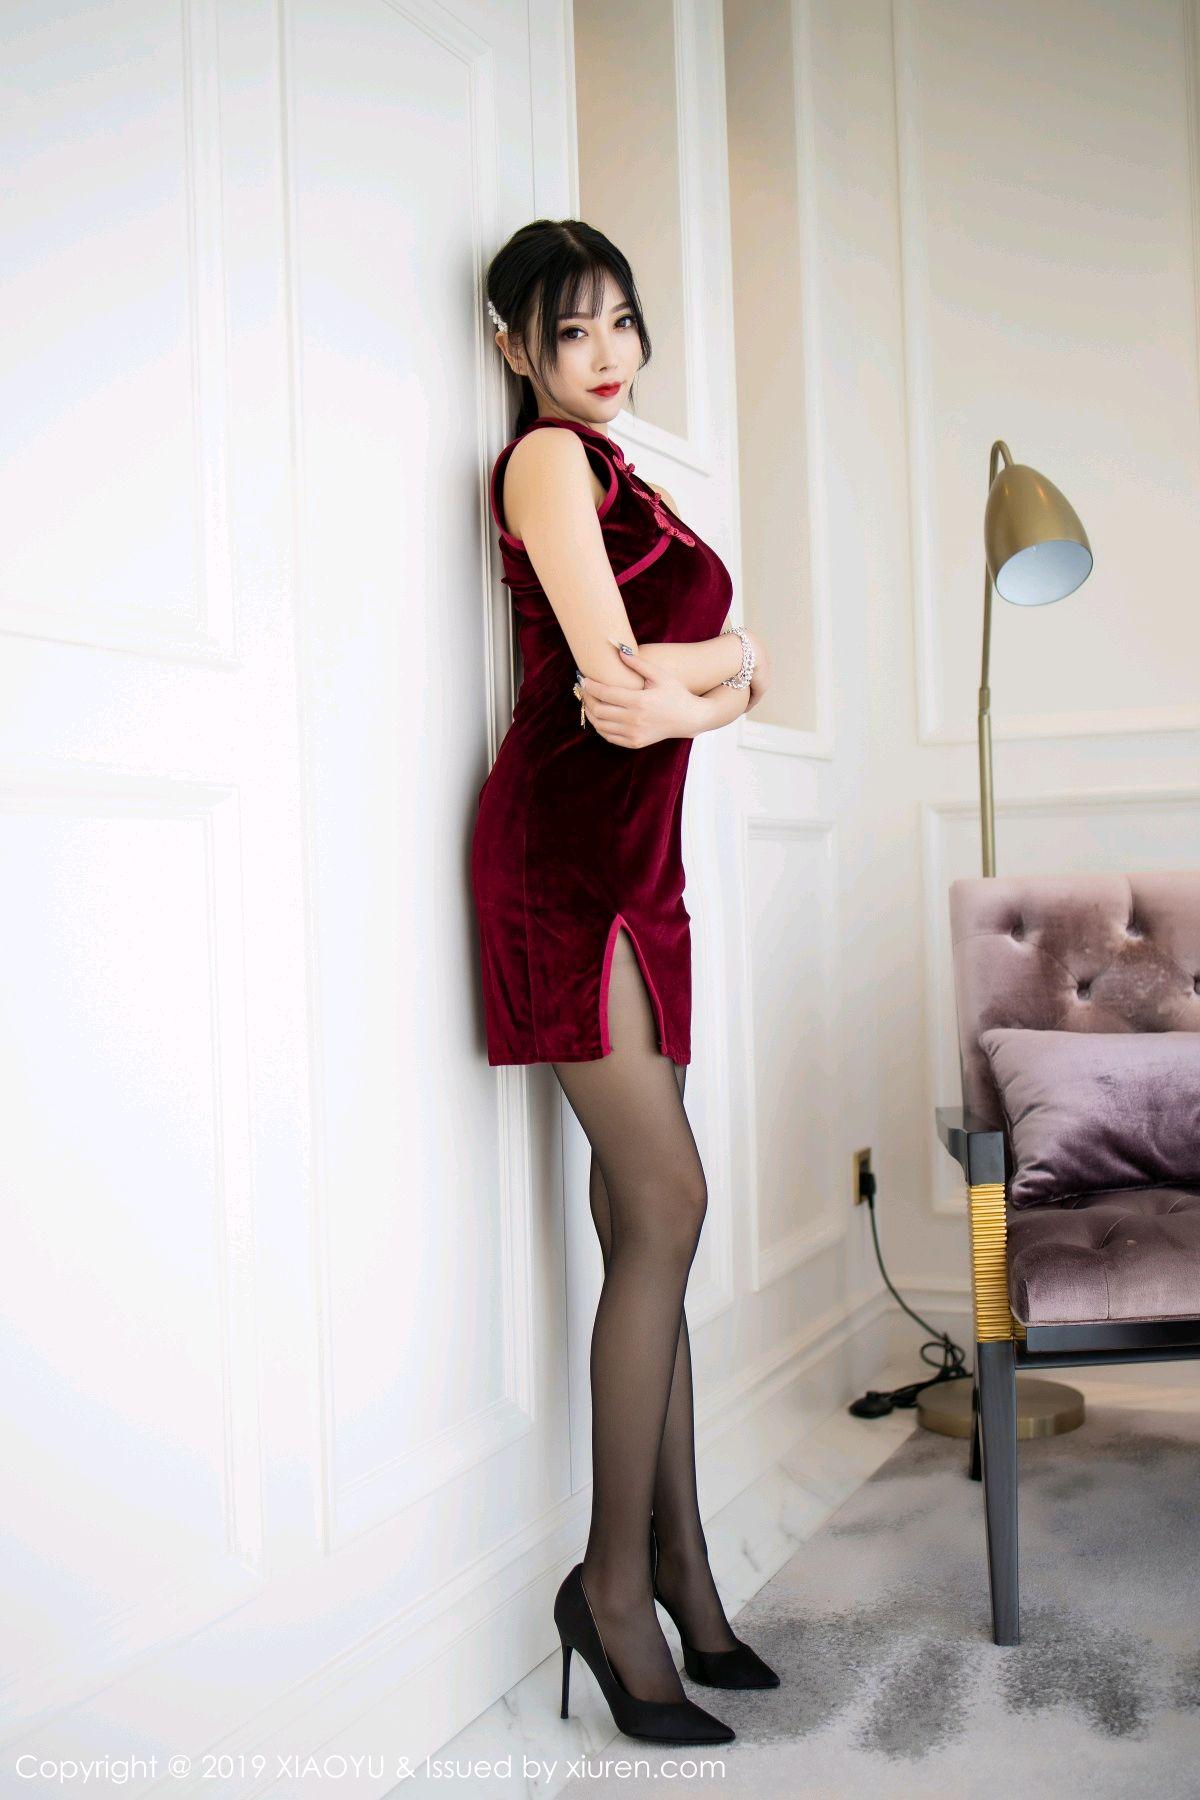 [XiaoYu] Vol.152 Yang Chen Chen 8P, Black Silk, Cheongsam, Tall, XiaoYu, Yang Chen Chen